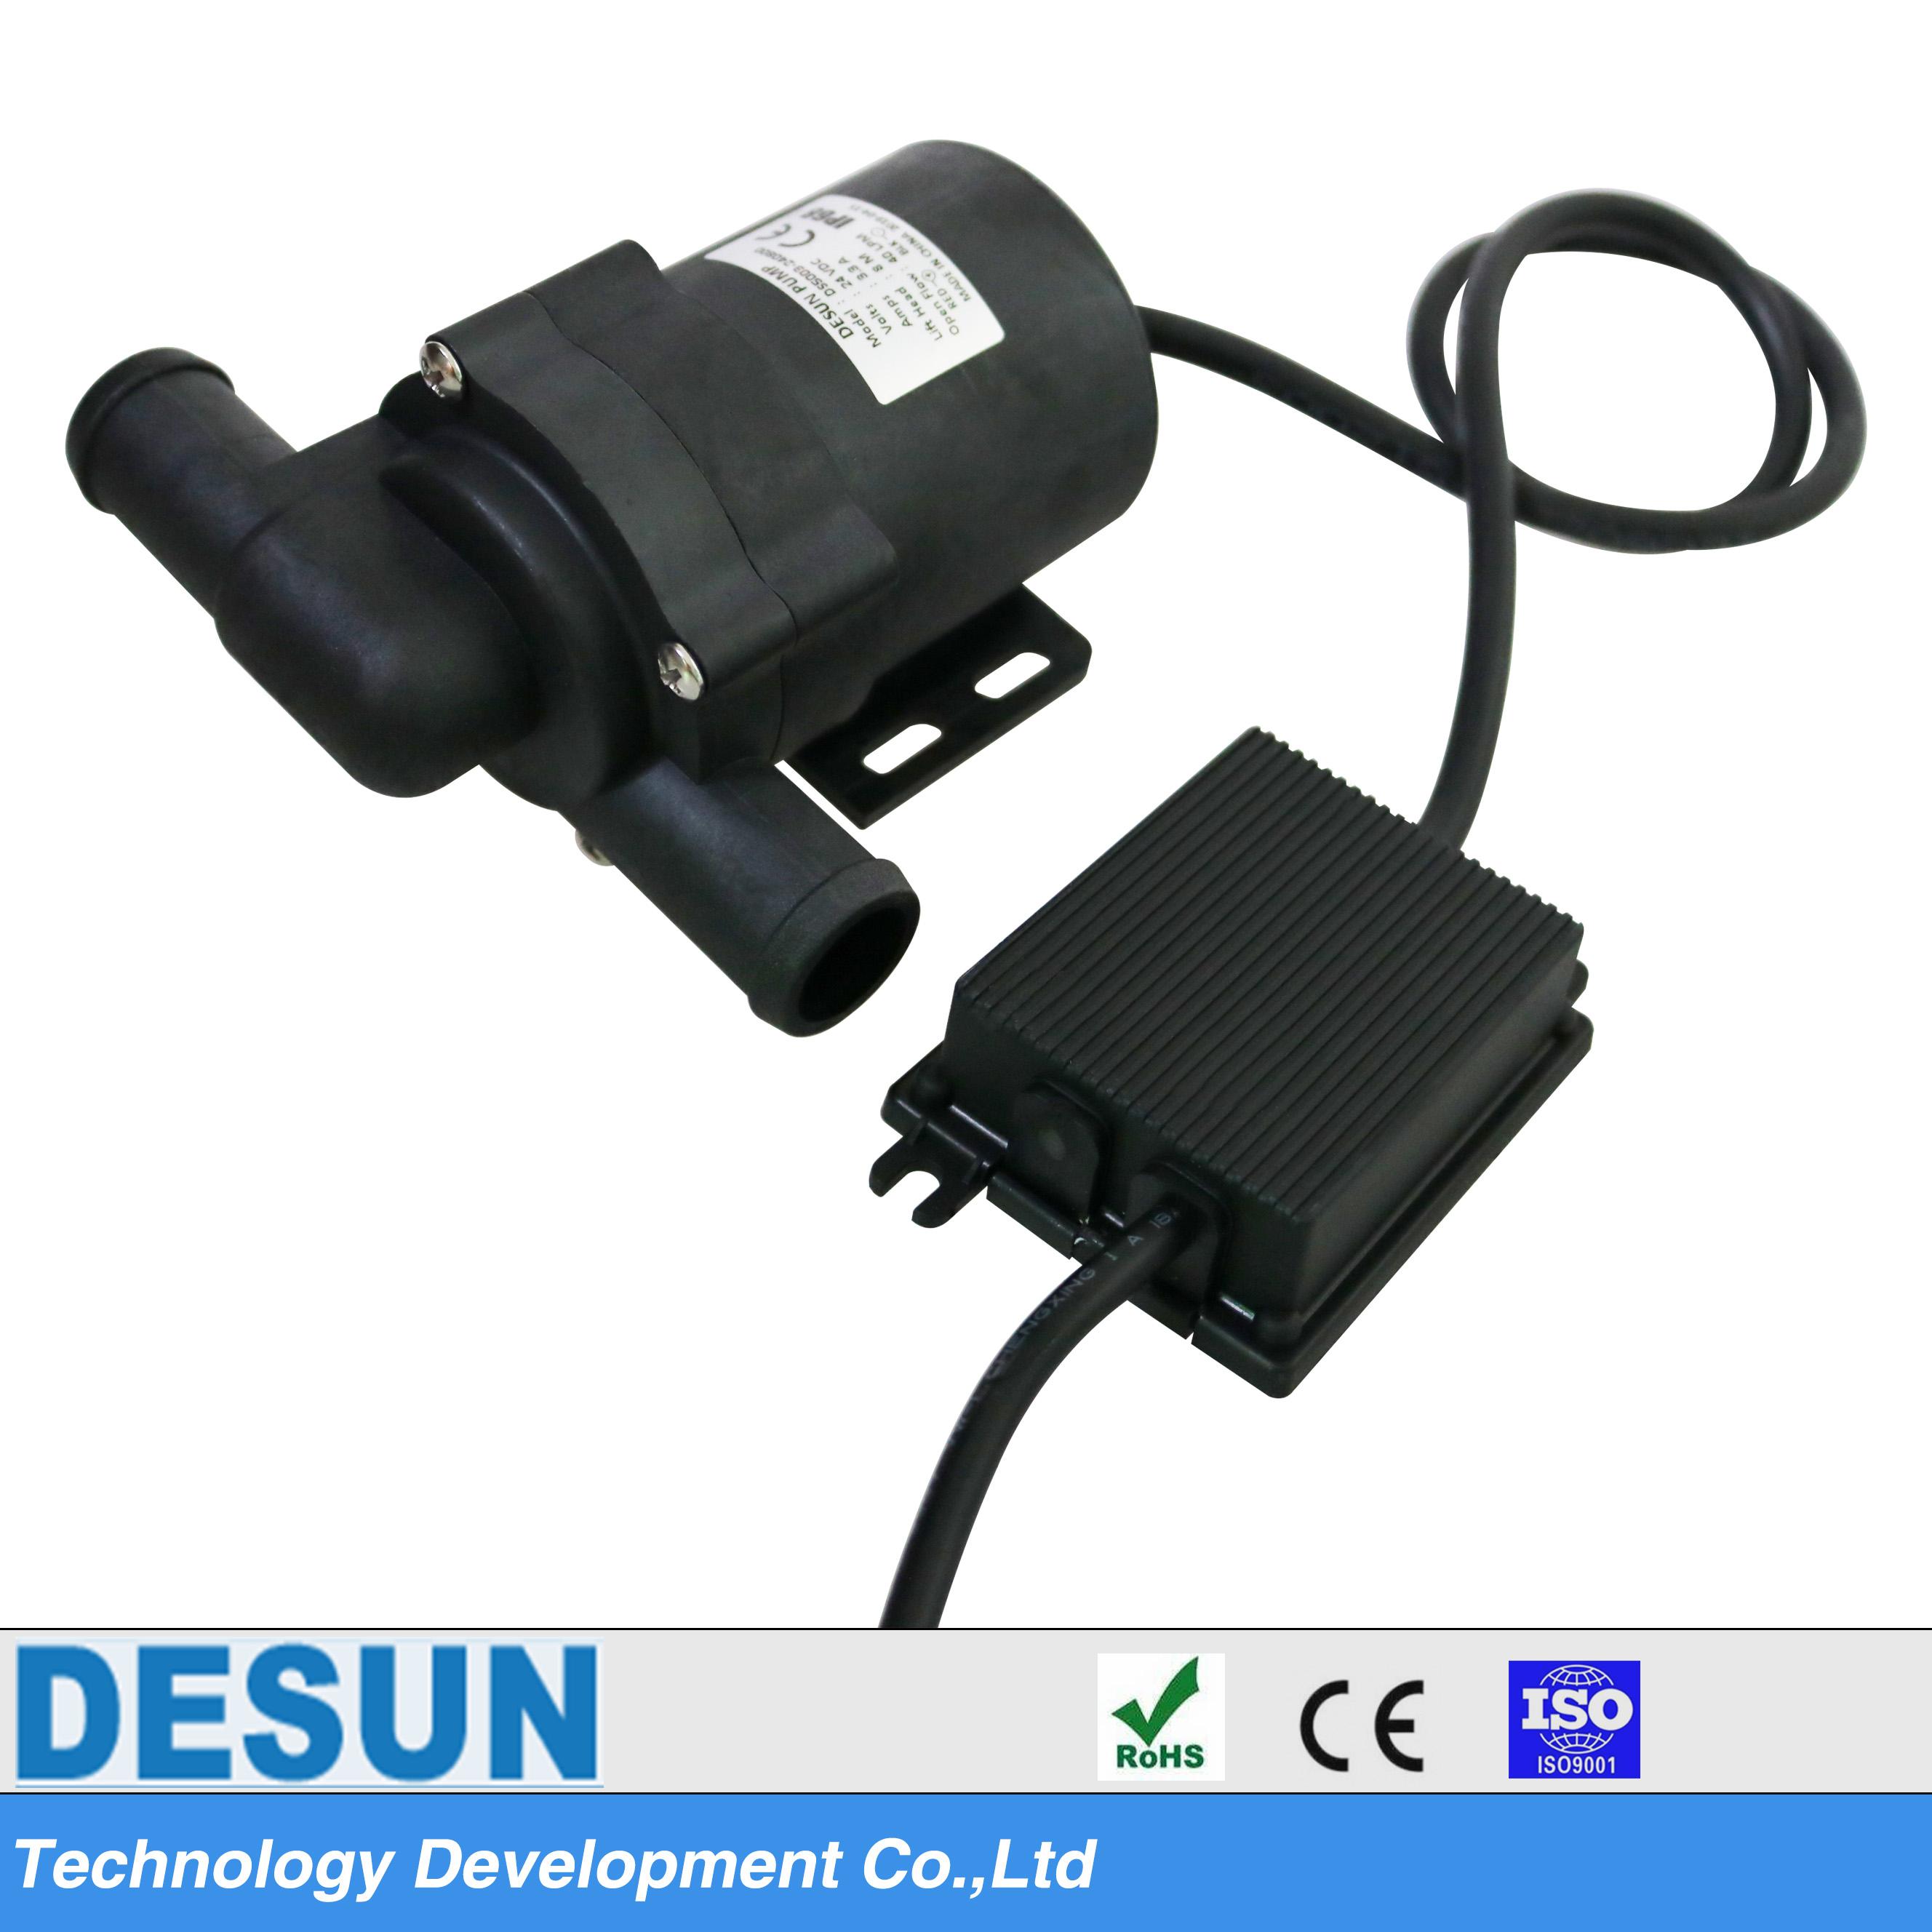 三相调速水循环微型水泵DS5003